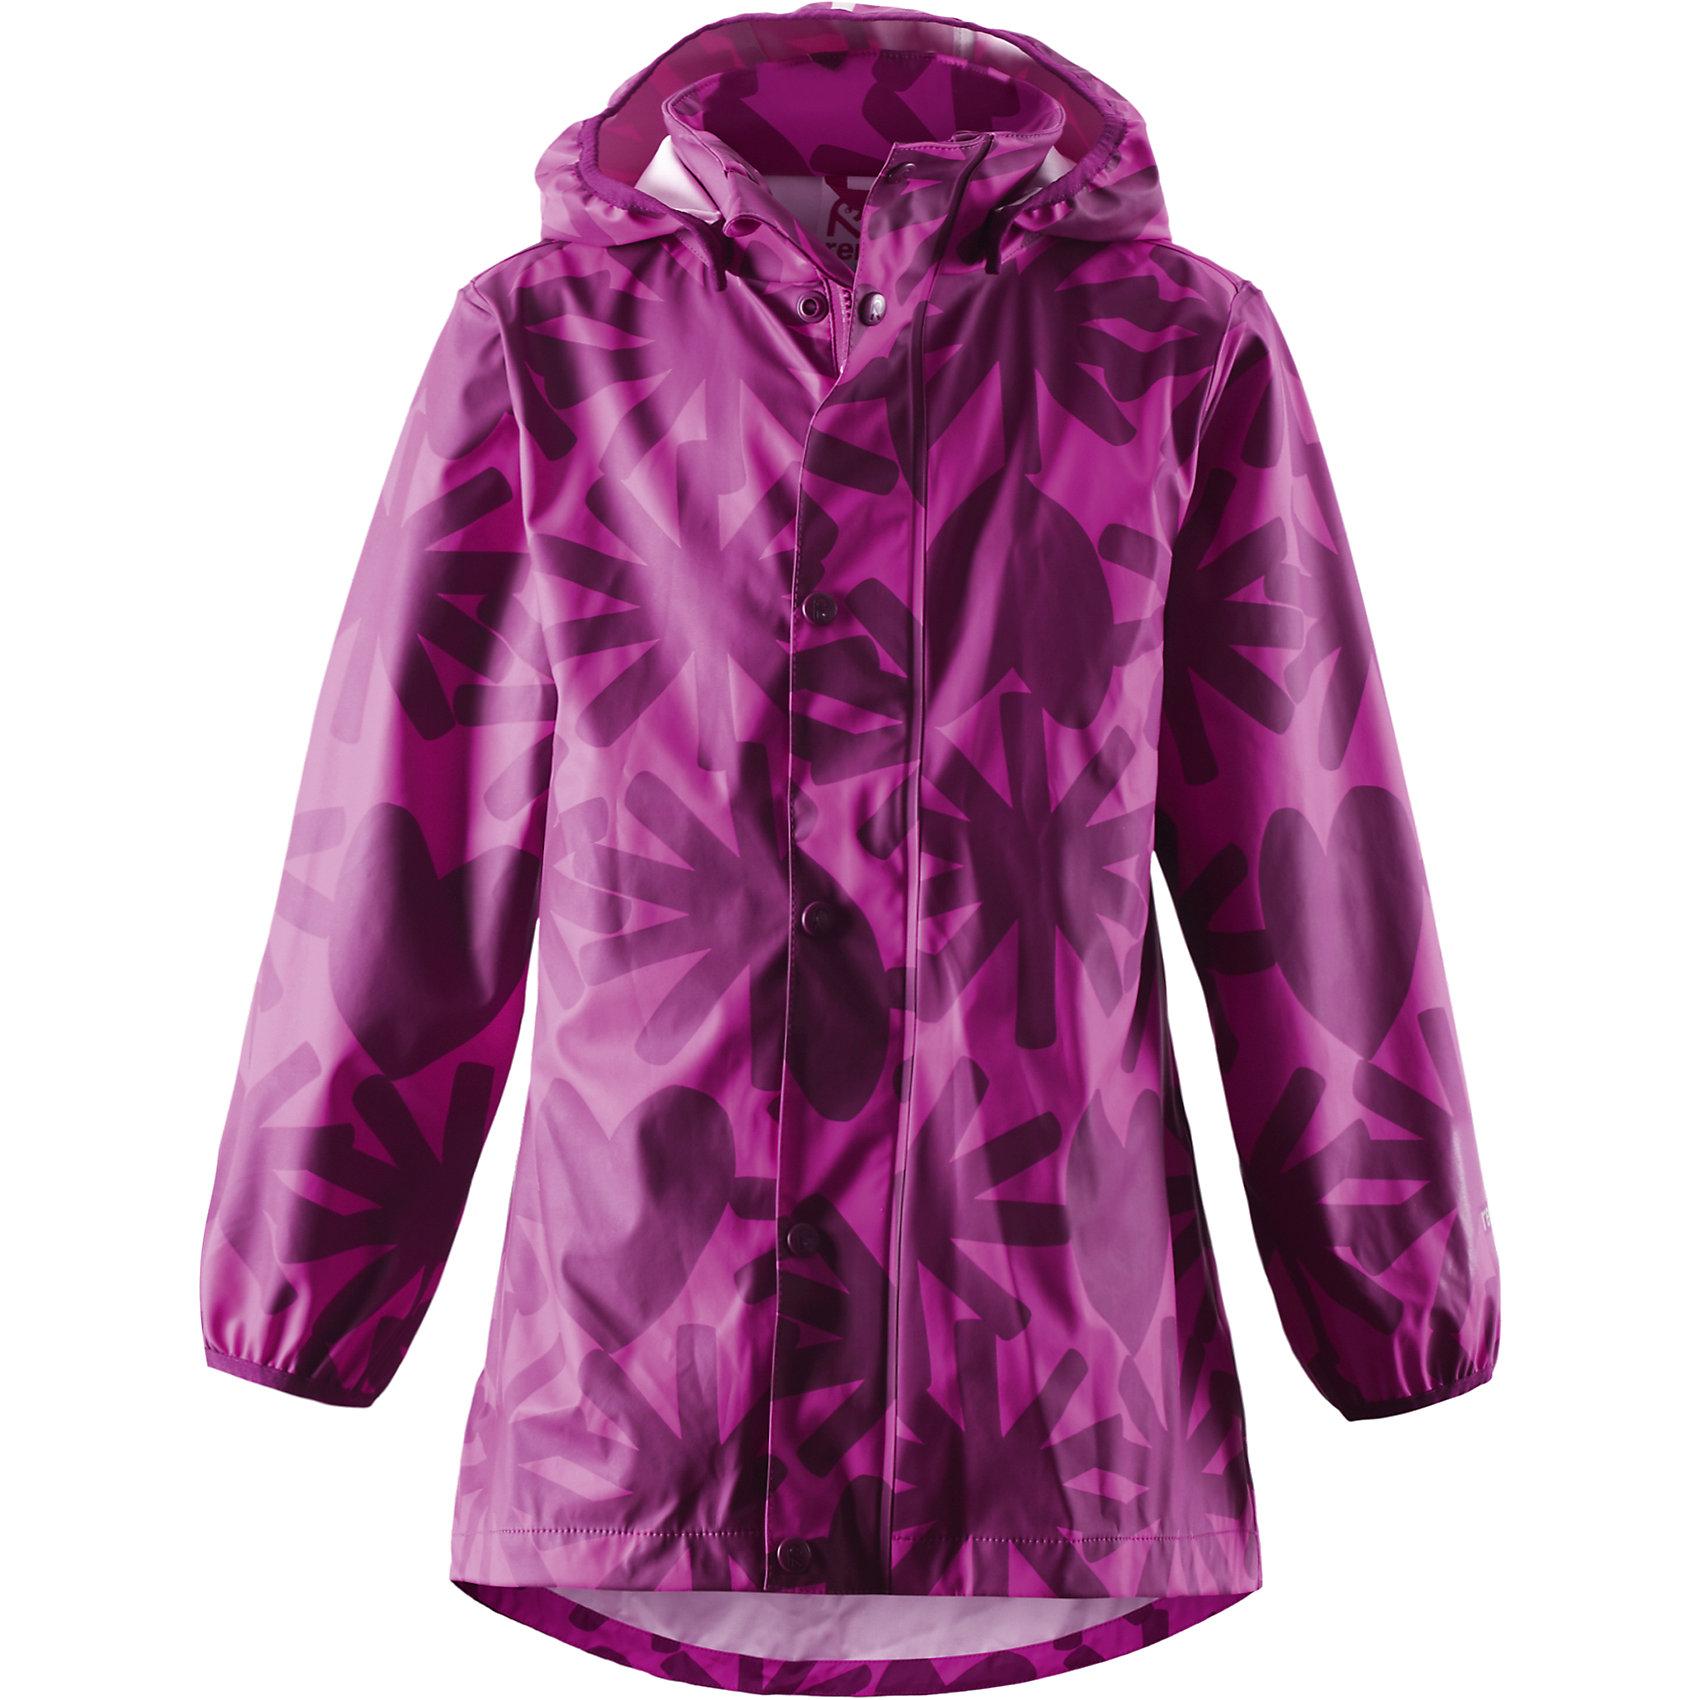 Плащ-дождевик Kaste для девочки ReimaПлащ-дождевик для девочки Reima<br>Куртка-дождевик для детей. Запаянные швы, не пропускающие влагу. Эластичный материал. Без ПХВ. Безопасный, съемный капюшон. Эластичная резинка на кромке капюшона. Эластичные манжеты. Трапециевидная форма с удлиненным сзади подолом. Молния спереди. Принт по всей поверхности. Безопасные светоотражающие детали. Отличный вариант для дождливой погоды.<br>Уход:<br>Стирать по отдельности, вывернув наизнанку. Застегнуть молнии и липучки. Стирать моющим средством, не содержащим отбеливающие вещества. Полоскать без специального средства. Во избежание изменения цвета изделие необходимо вынуть из стиральной машинки незамедлительно после окончания программы стирки. Сушить при низкой температуре.<br>Состав:<br>100% Полиамид, полиуретановое покрытие<br><br>Ширина мм: 356<br>Глубина мм: 10<br>Высота мм: 245<br>Вес г: 519<br>Цвет: розовый<br>Возраст от месяцев: 108<br>Возраст до месяцев: 120<br>Пол: Женский<br>Возраст: Детский<br>Размер: 140,110,116,128,122,104,134<br>SKU: 4776500